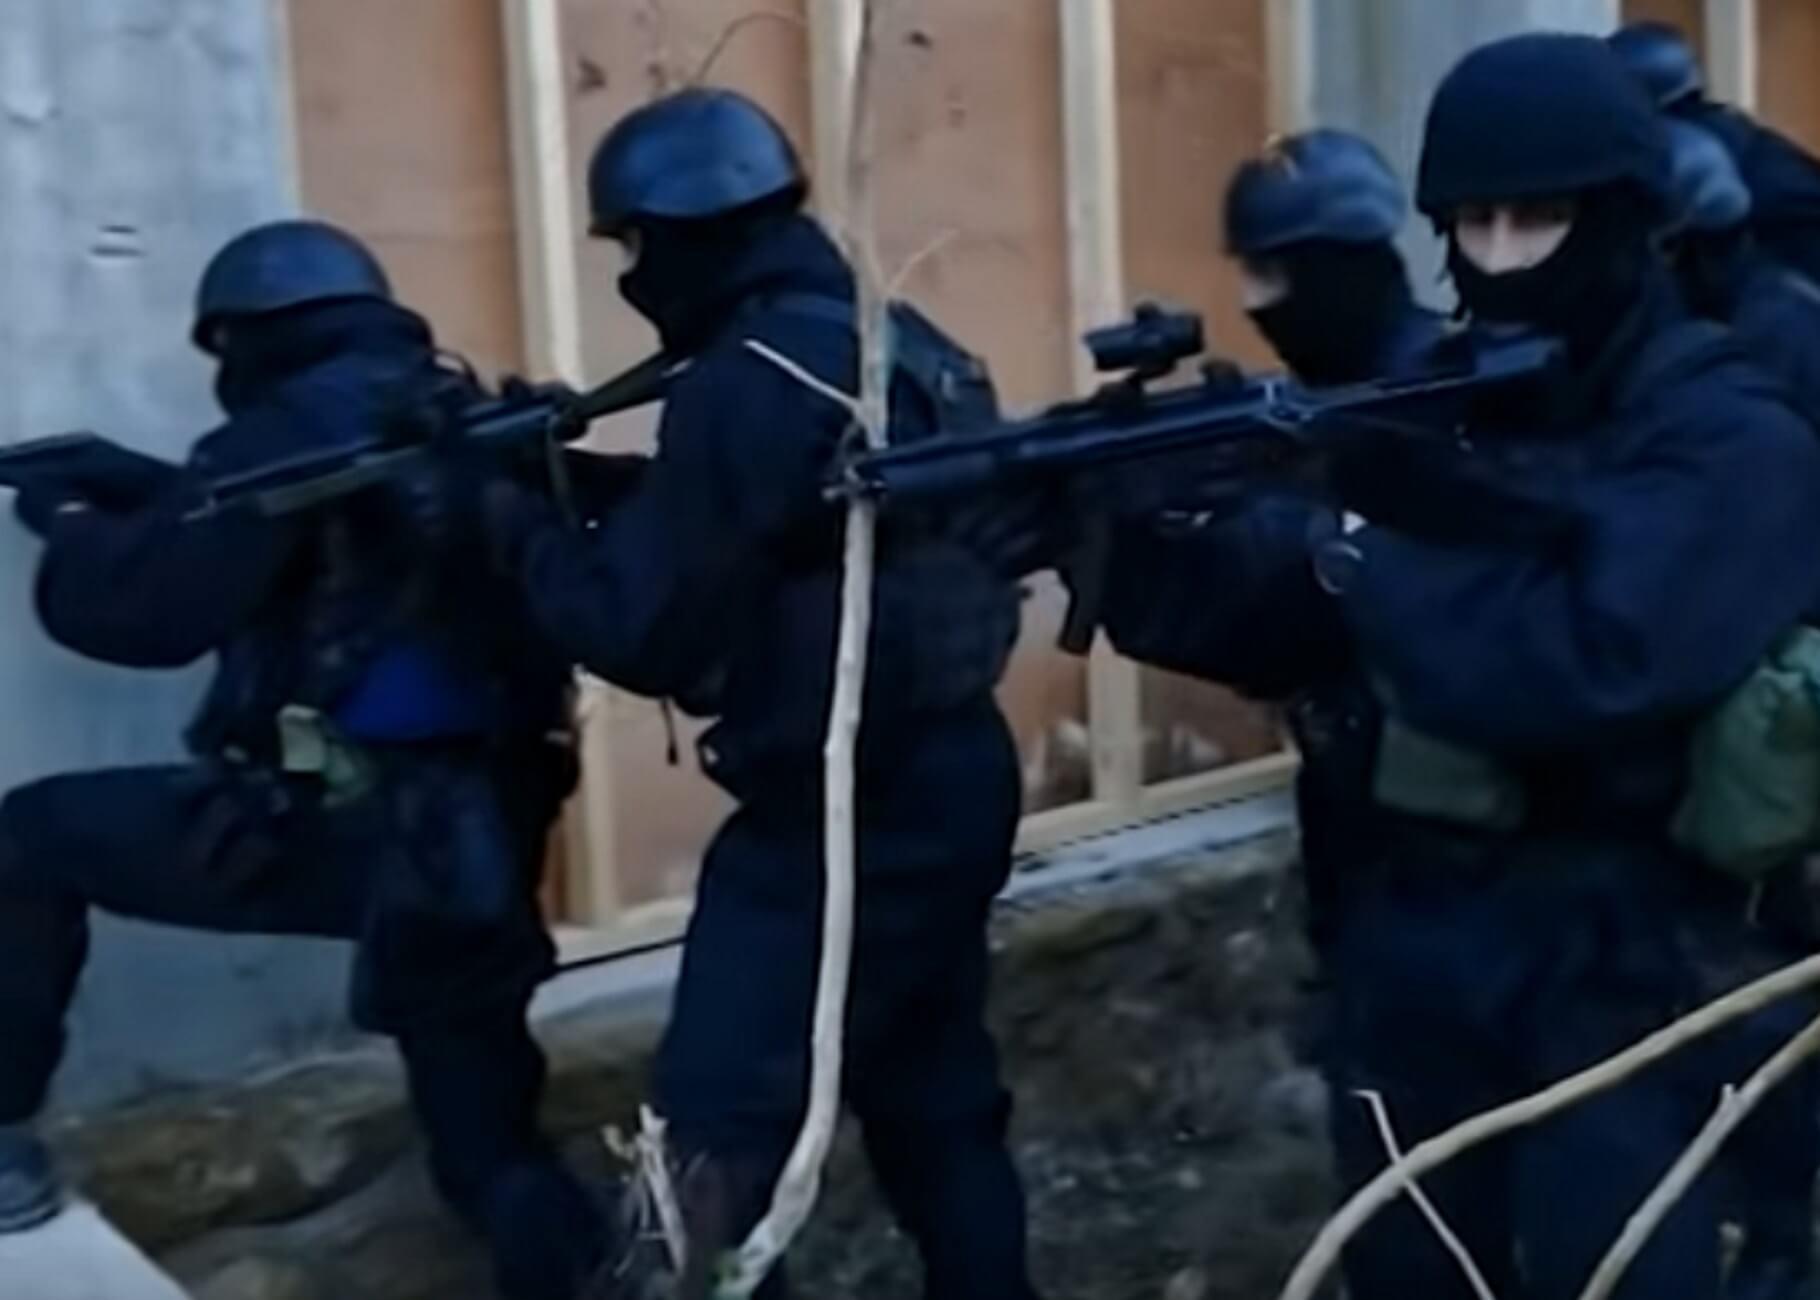 Κρήτη: Έτσι απελευθερώθηκε ο Μιχάλης Λεμπιδάκης – Το βίντεο της αστυνομίας για το τέλος της απαγωγής!